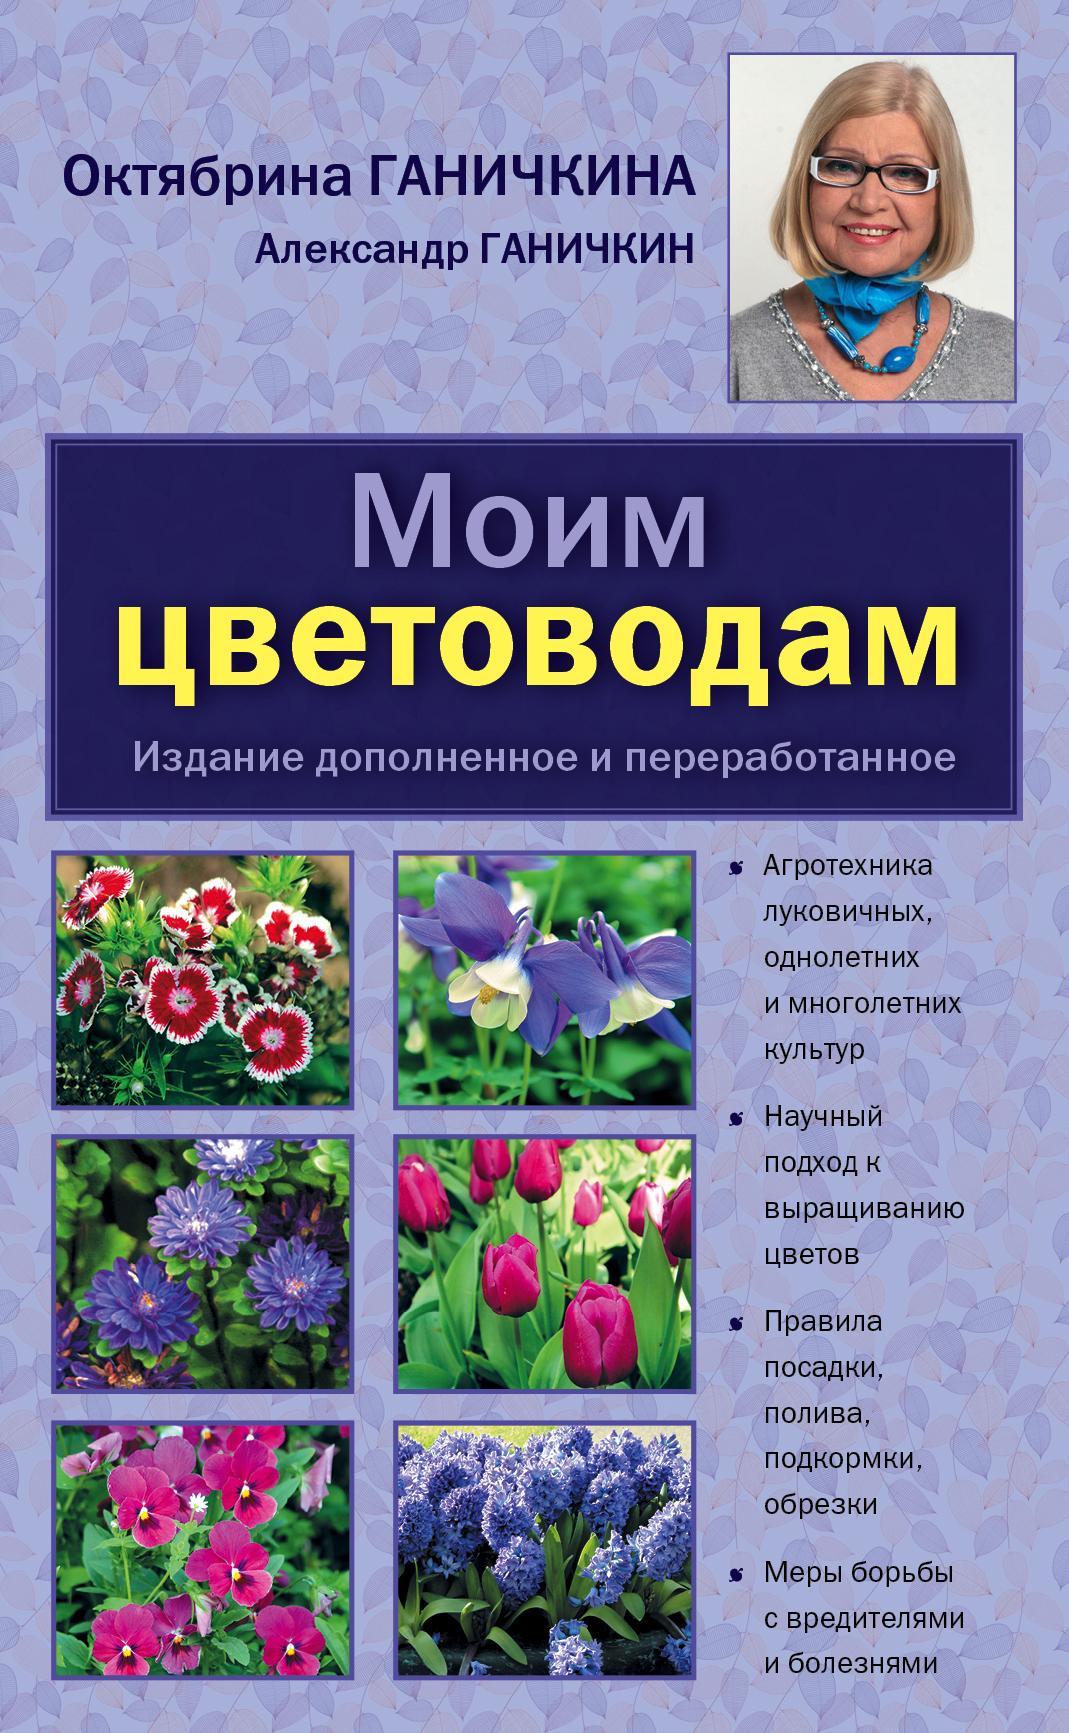 Моим цветоводам. 8-е изд. доп. и перераб. [нов.оф.] ( Ганичкина О.А.  )